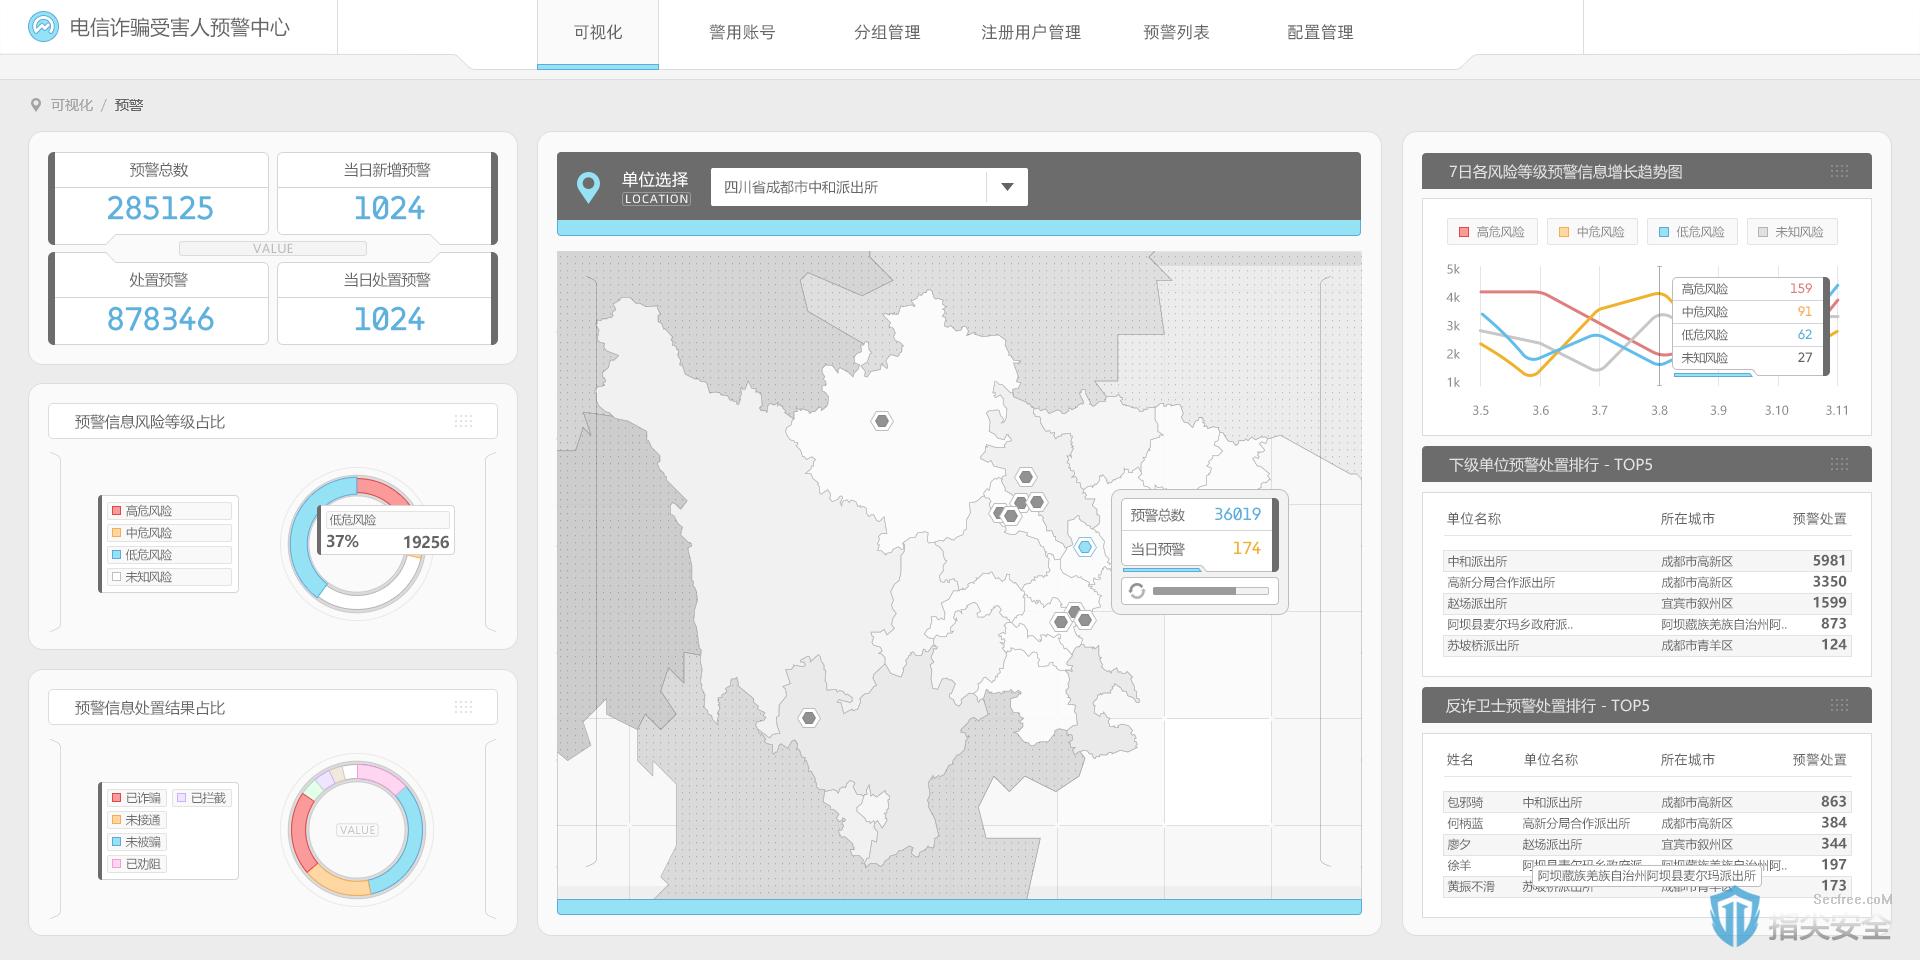 雪鸮后台序界面图展示,非实际真实数据